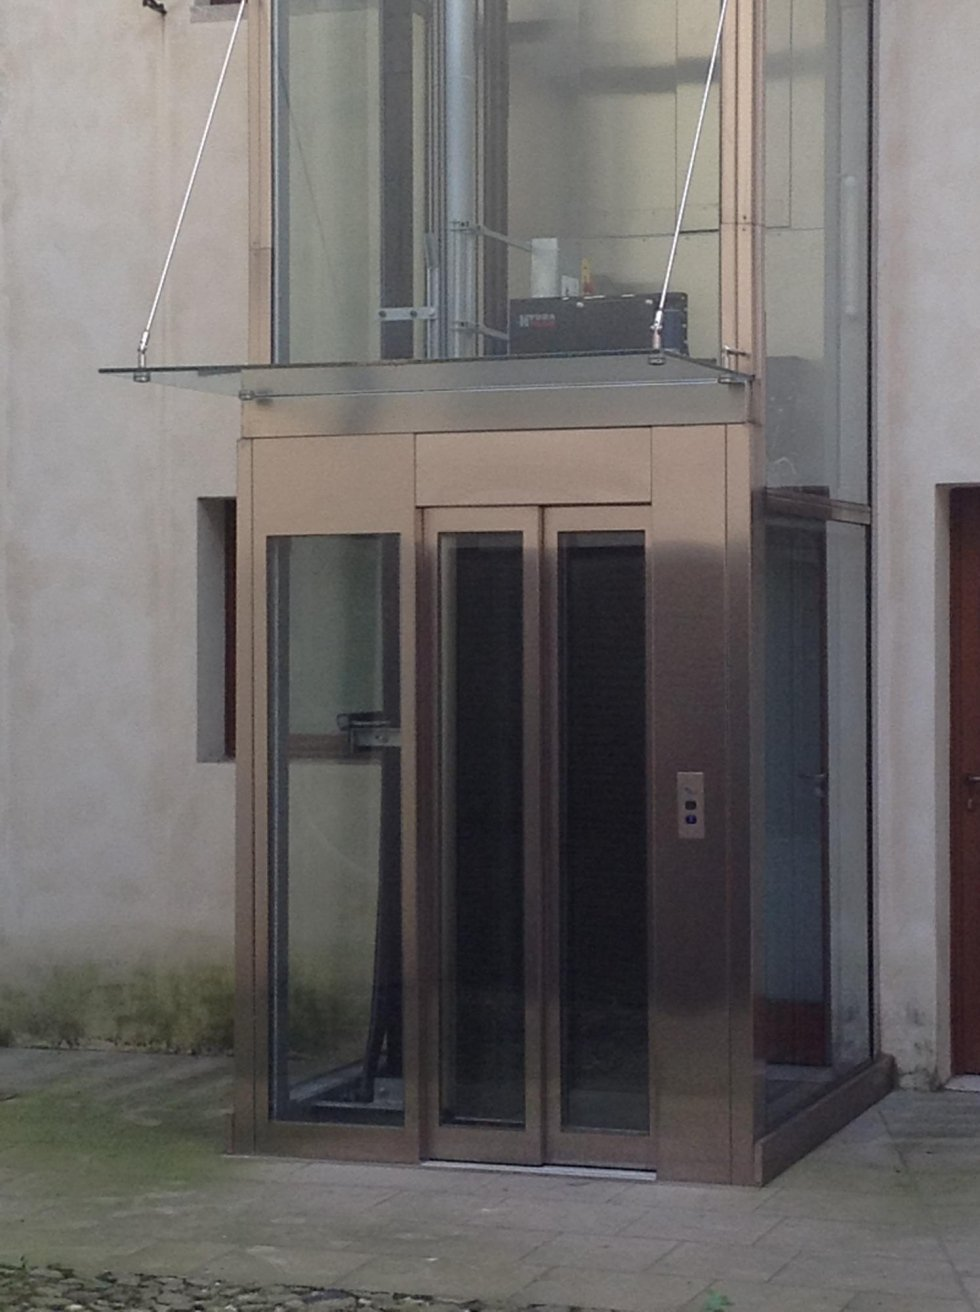 ascensore, porte e cabina in vetro-vista esterna